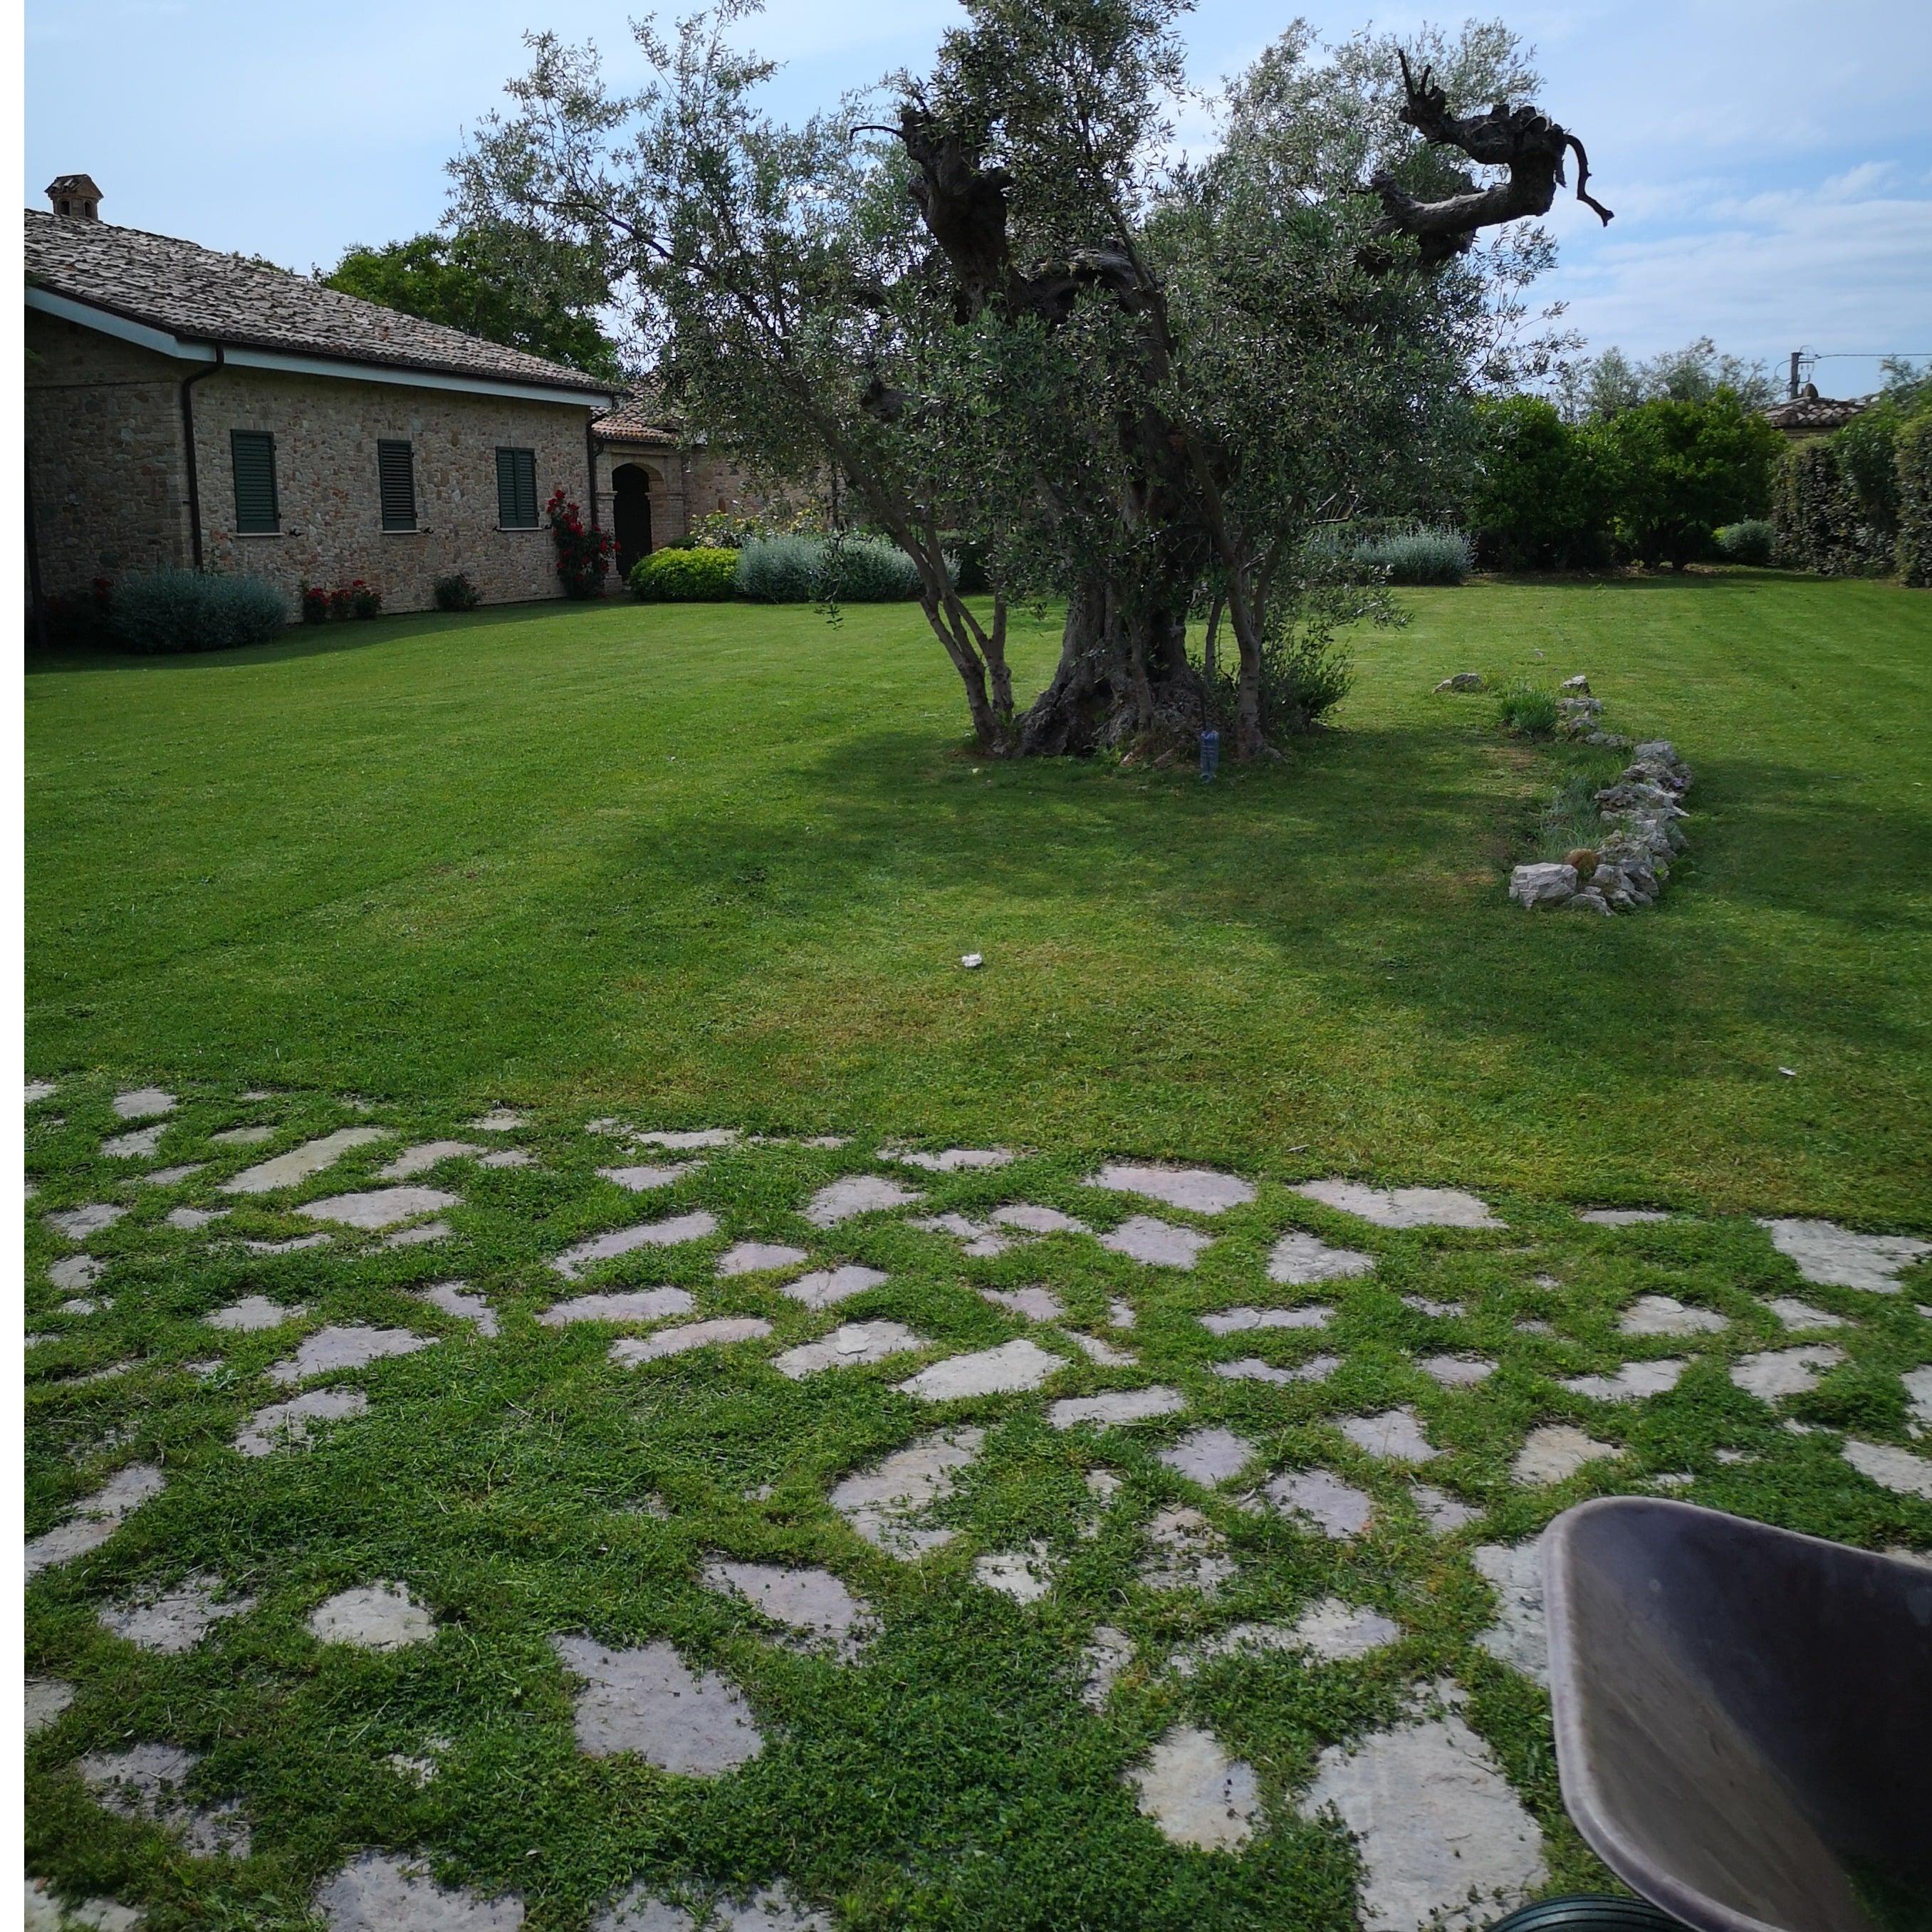 I Migliori 21 Servizi Di Giardinaggio A Alba Adriatica Con